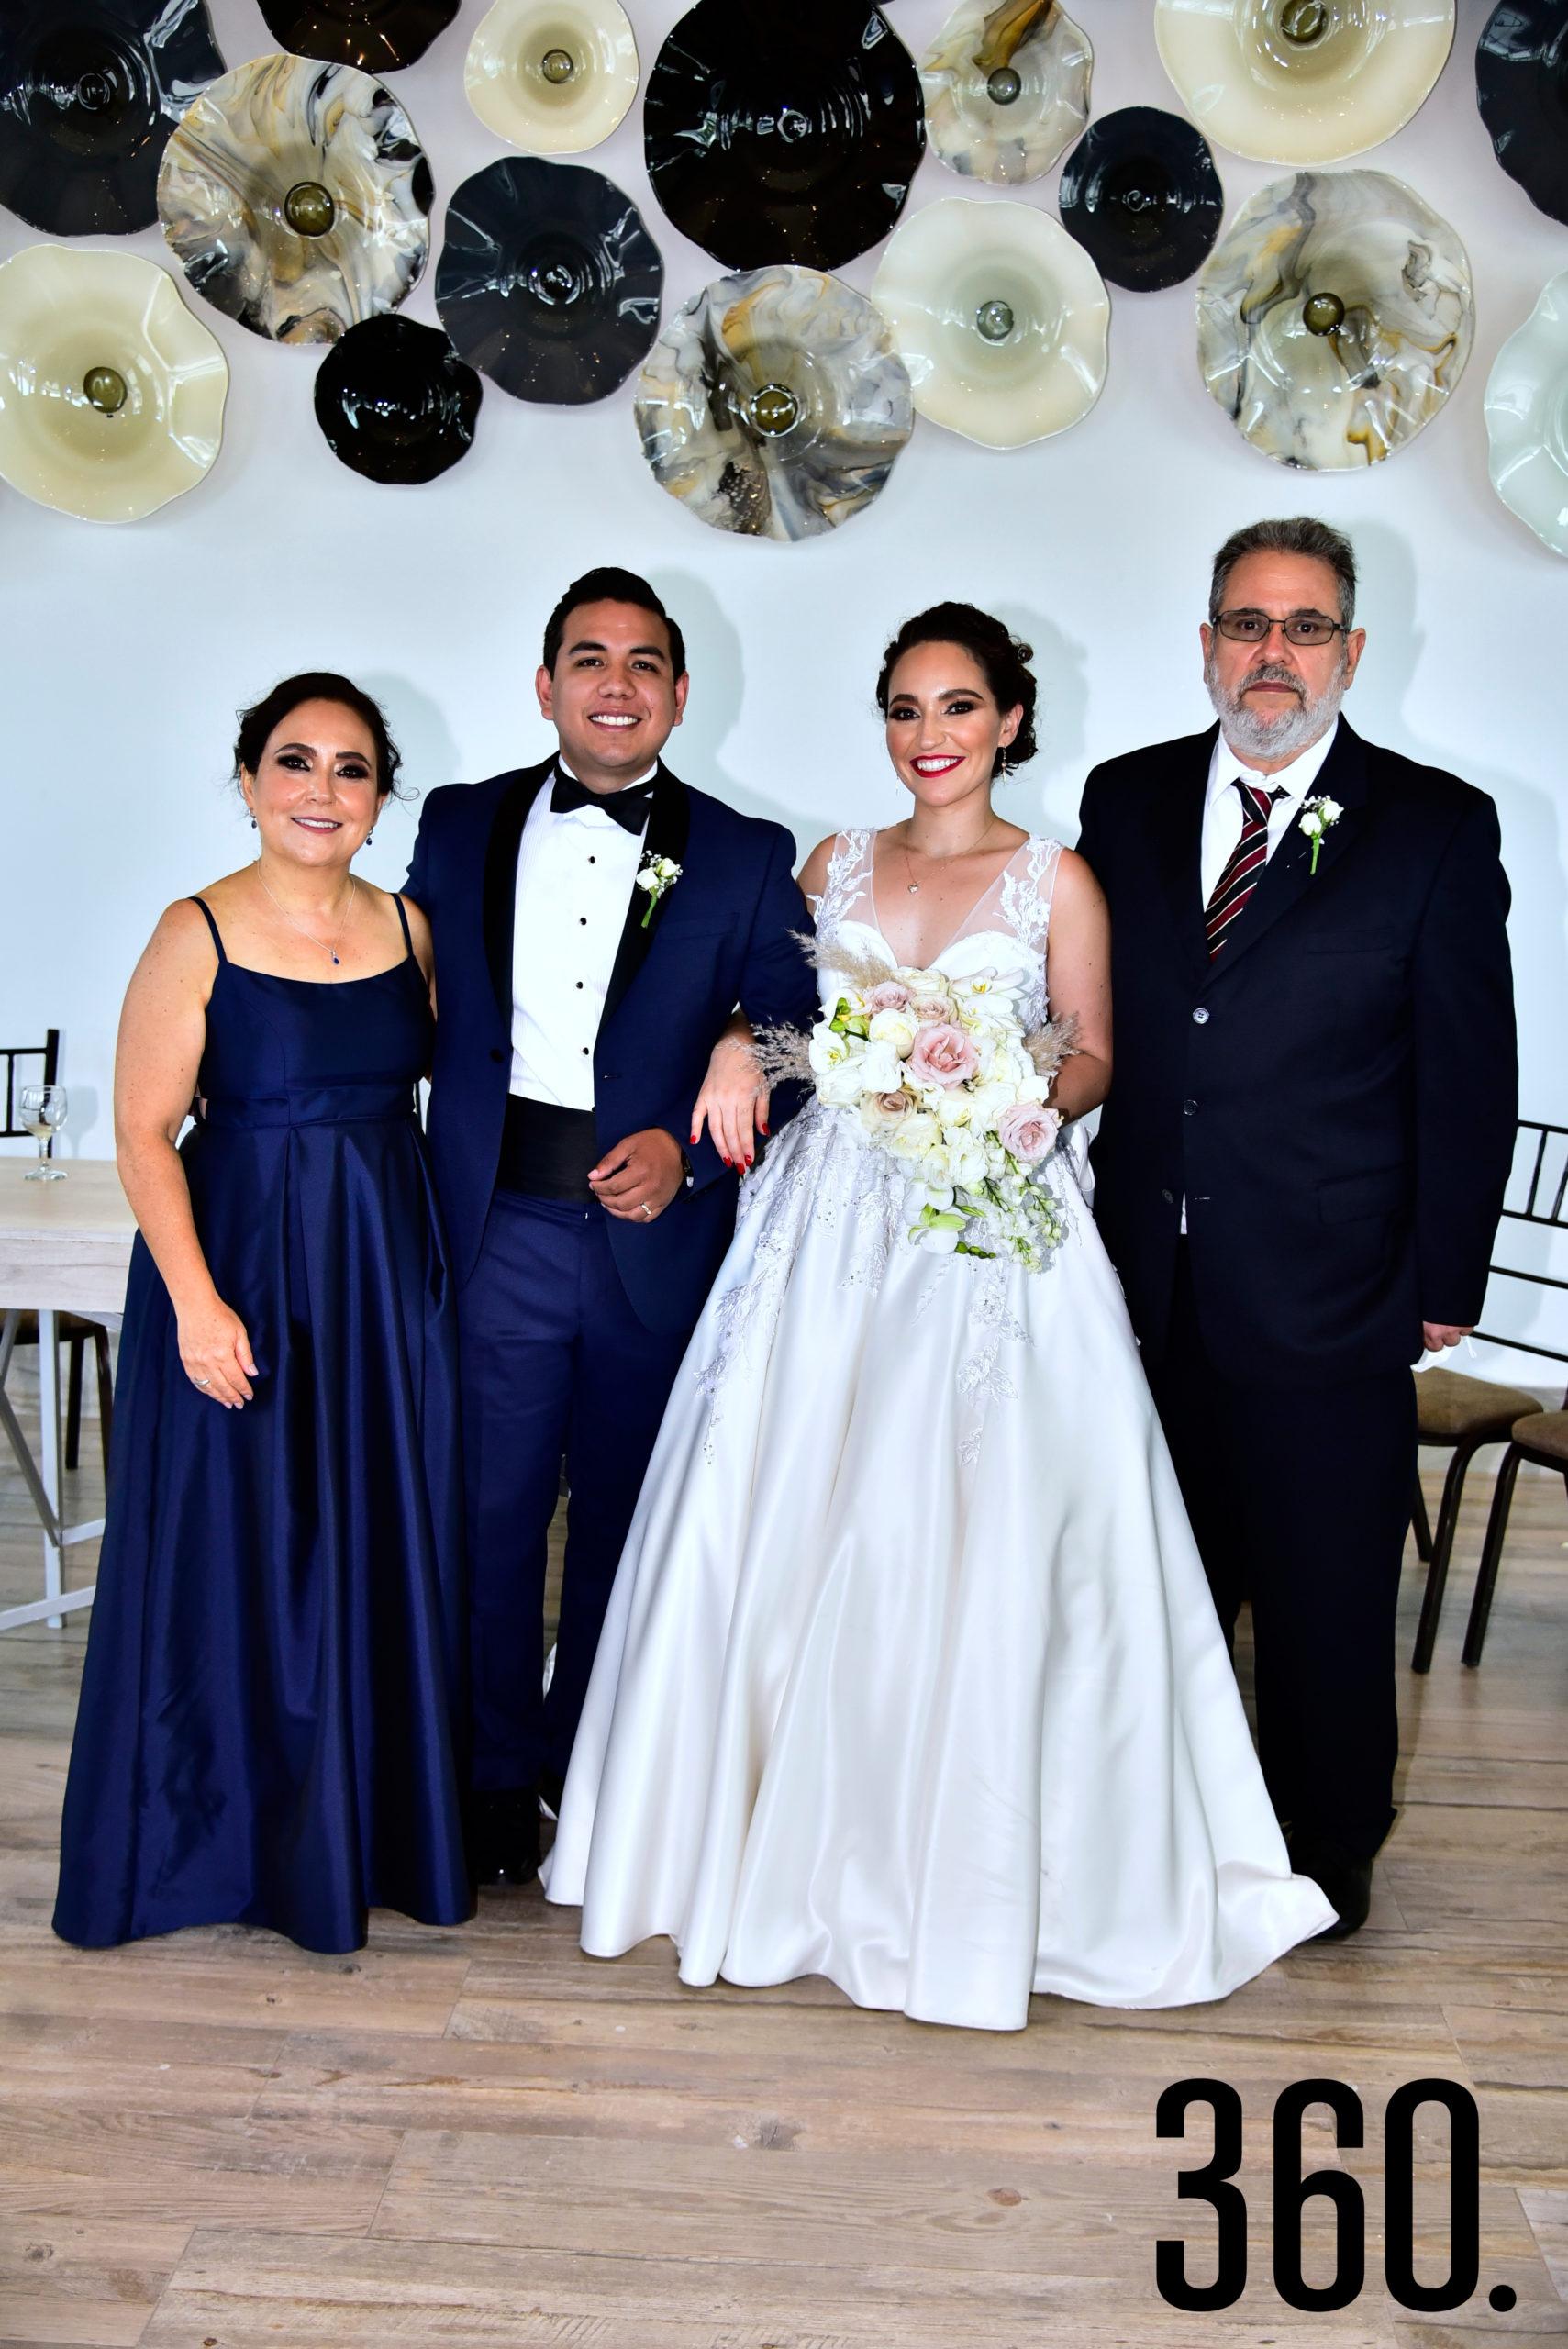 Fabián Trujillo Leija y Ana Cecilia Romero Ramos con sus papás María Luisa Ramos y Francisco Romero.